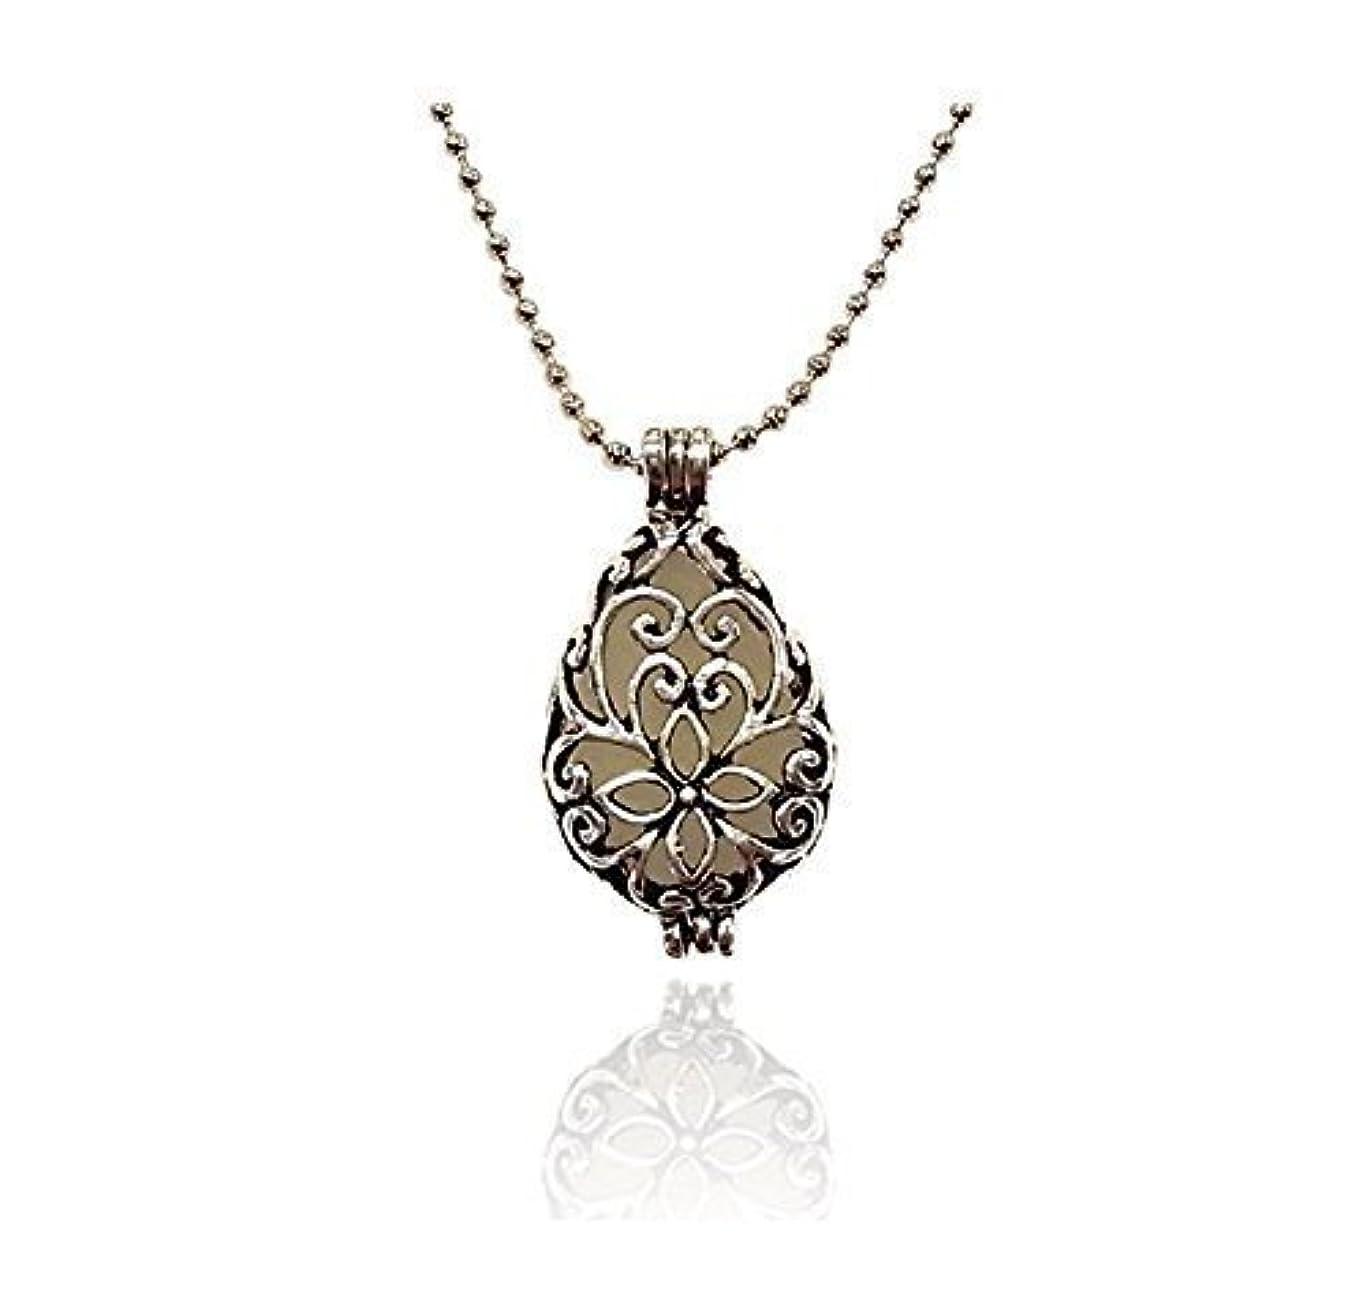 羊状先生Silver tone Teardrop Small Aromatherapy Necklace Essential Oil Diffuser Locket Pendant Jewelry w/reusable felt...